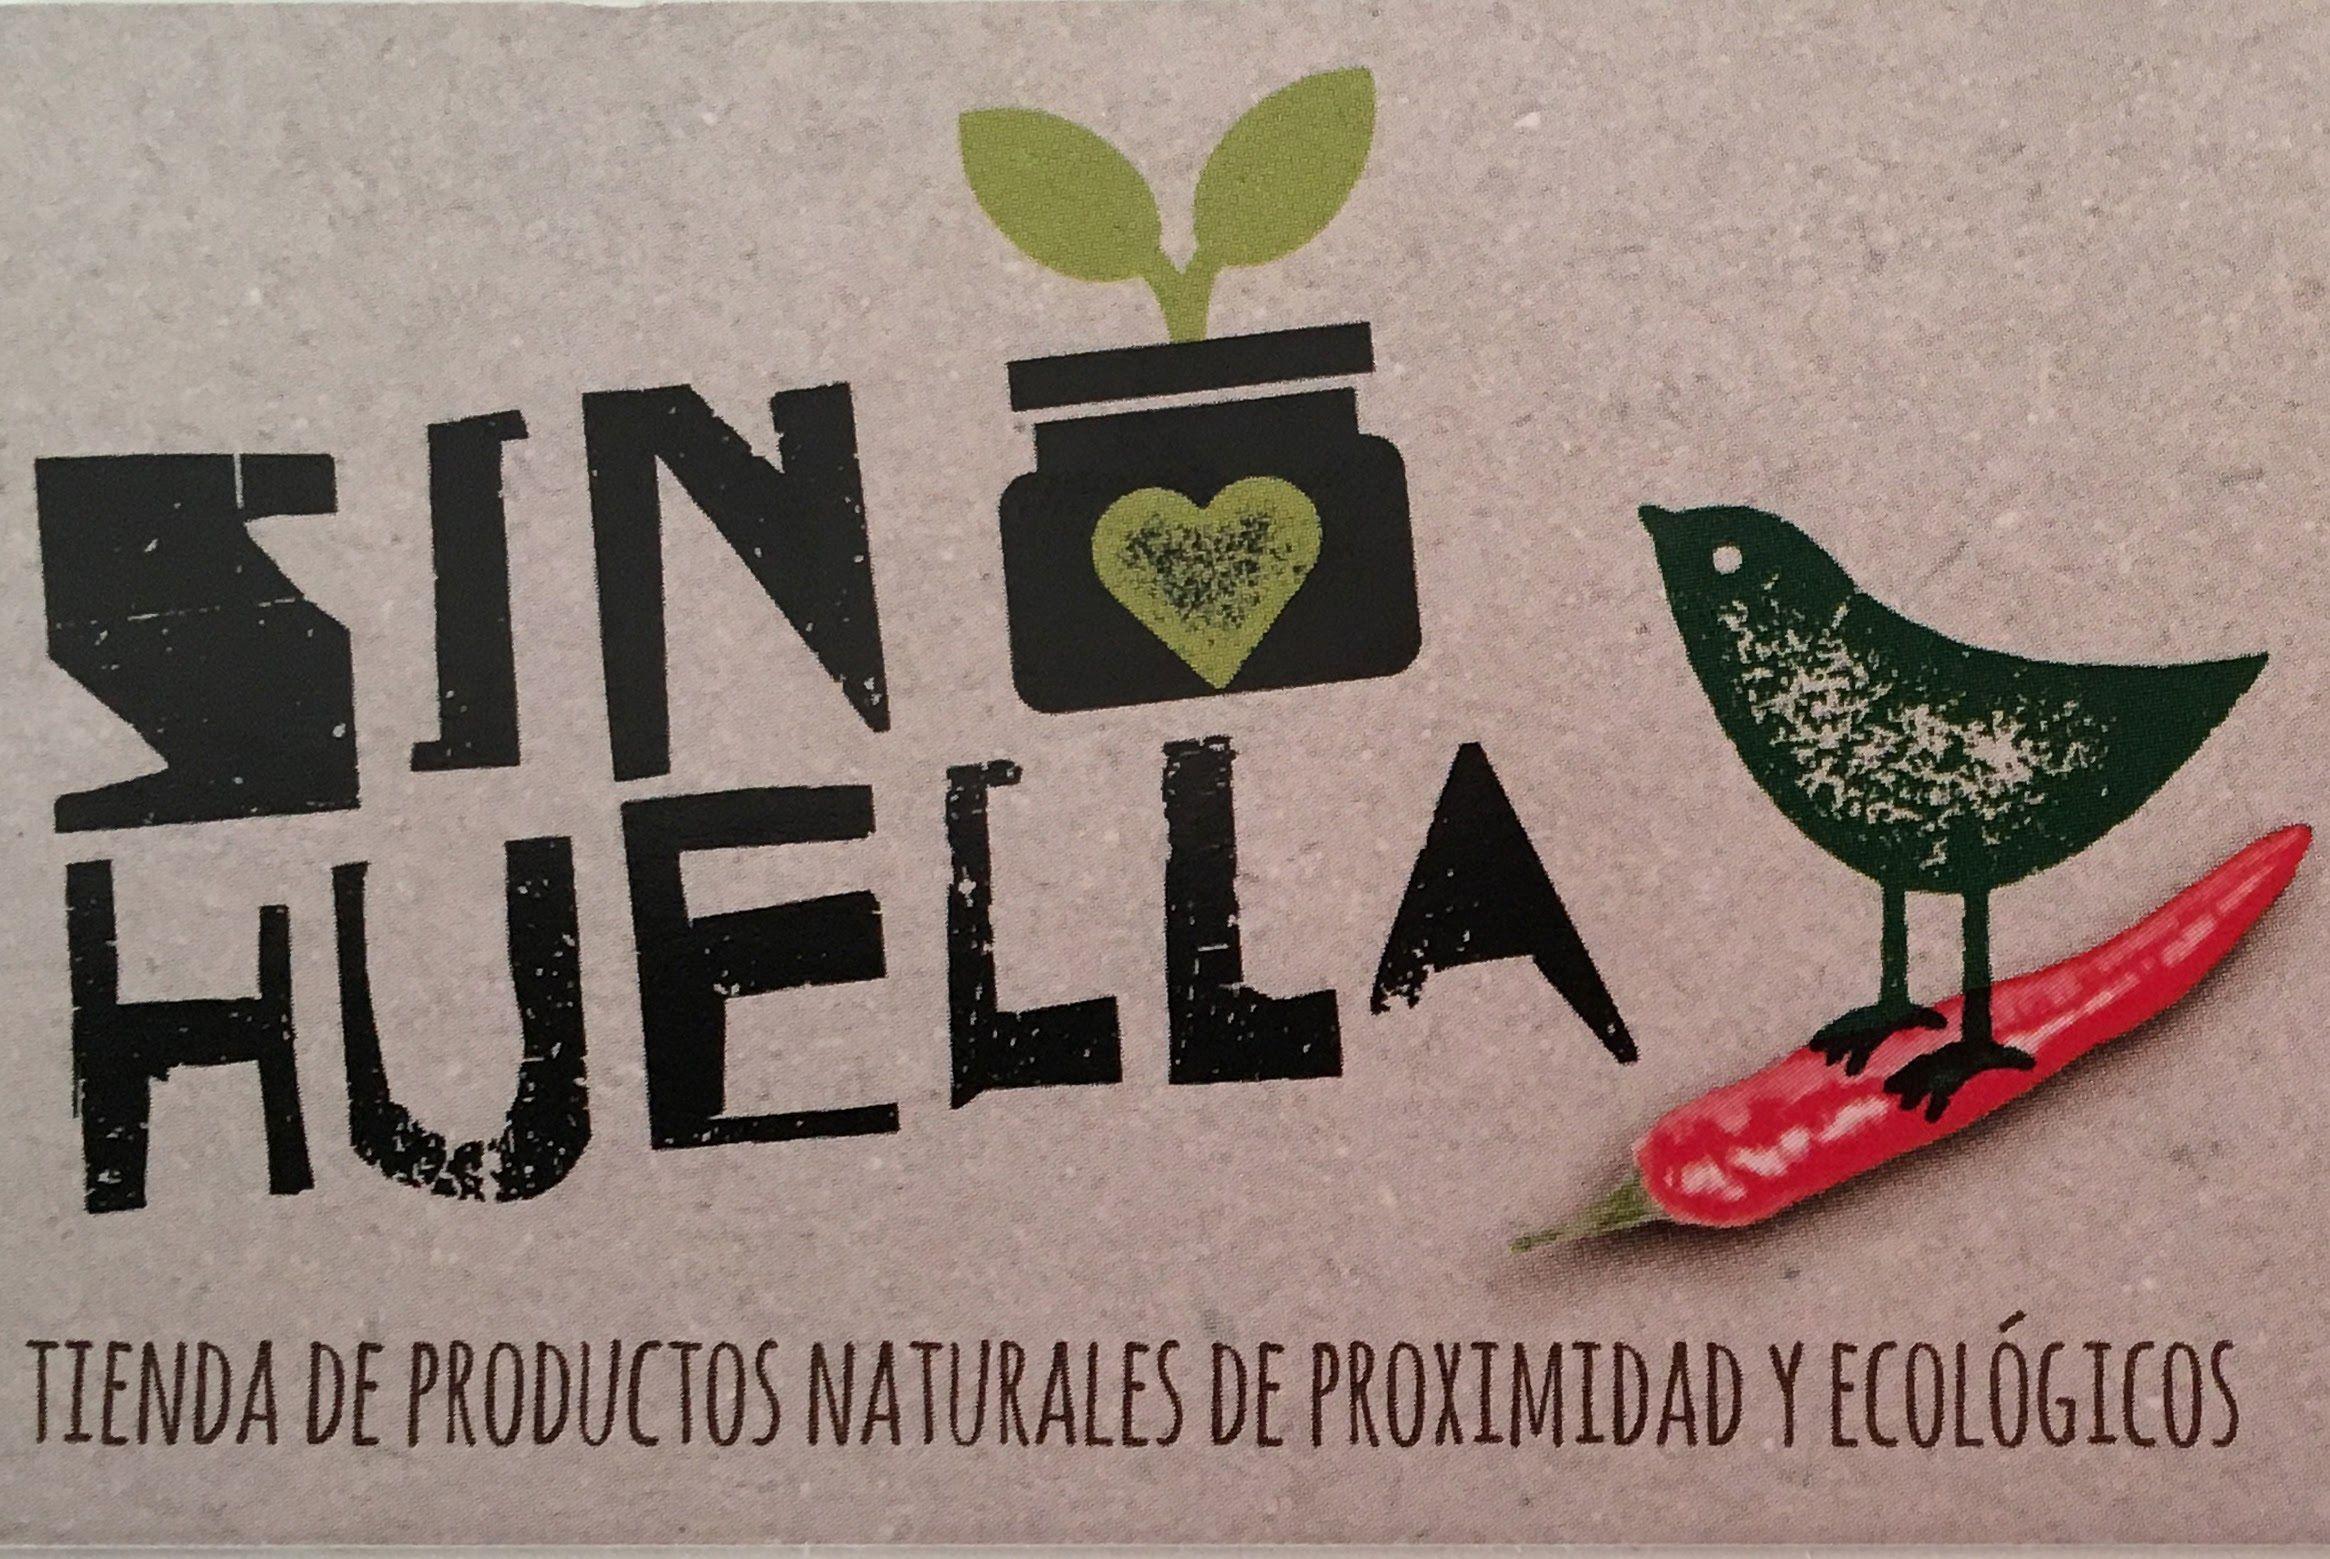 Foto 4 de Tienda de productos ecológicos a granel en Zaragoza | Sin Huella